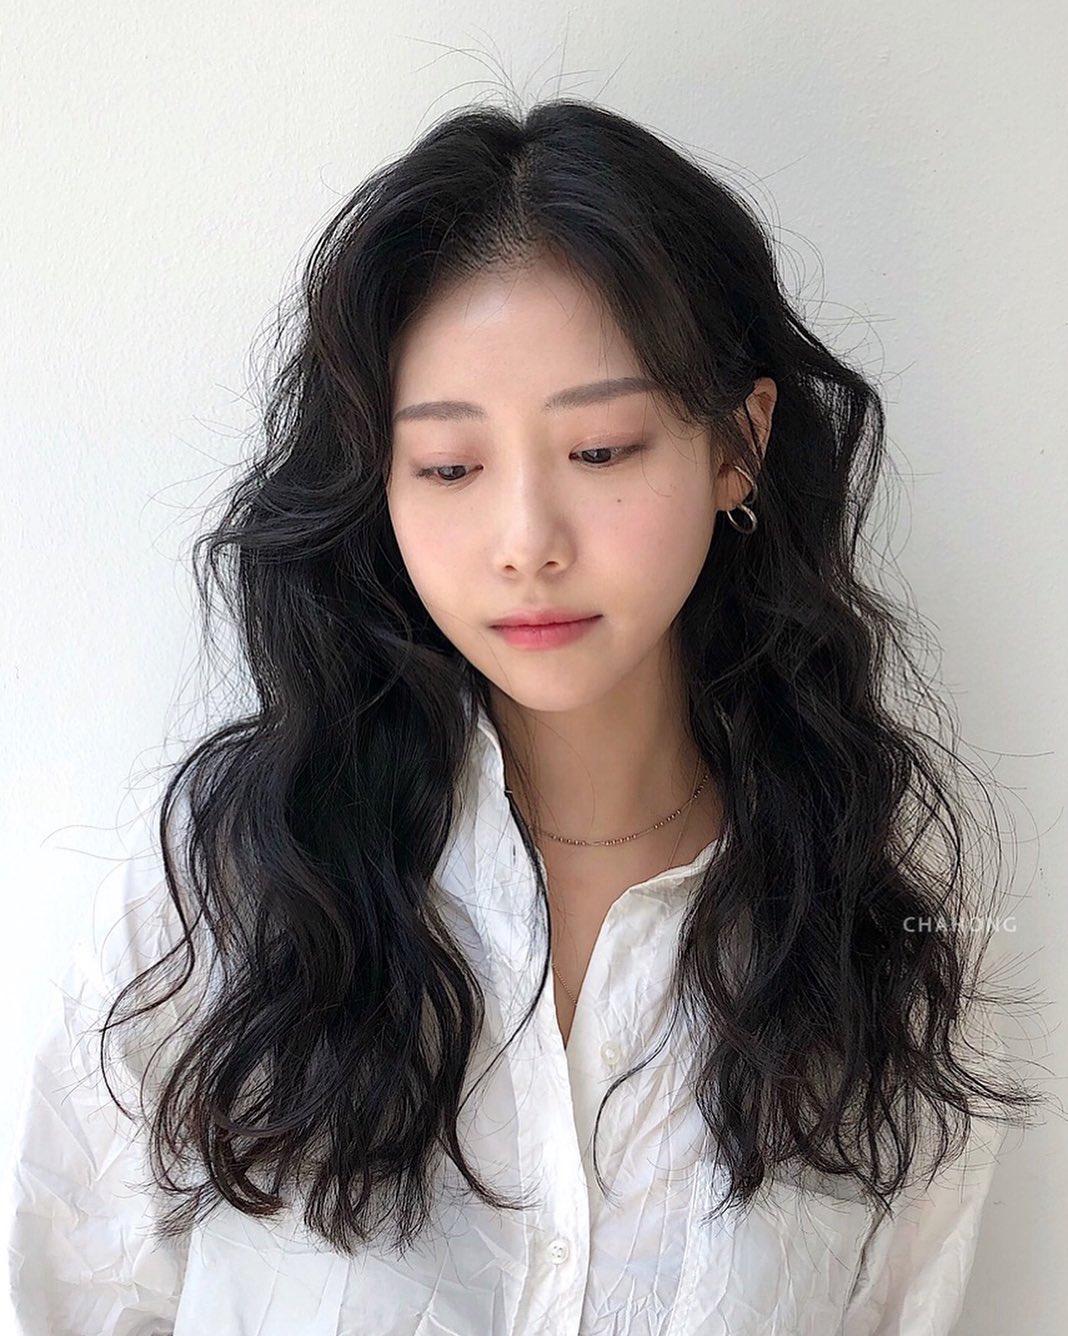 Thử nghiệm kiểu tóc xoăn hot năm nay, 3 cô nàng đơ người vì thà để lại tóc cũ còn đẹp hơn! 1